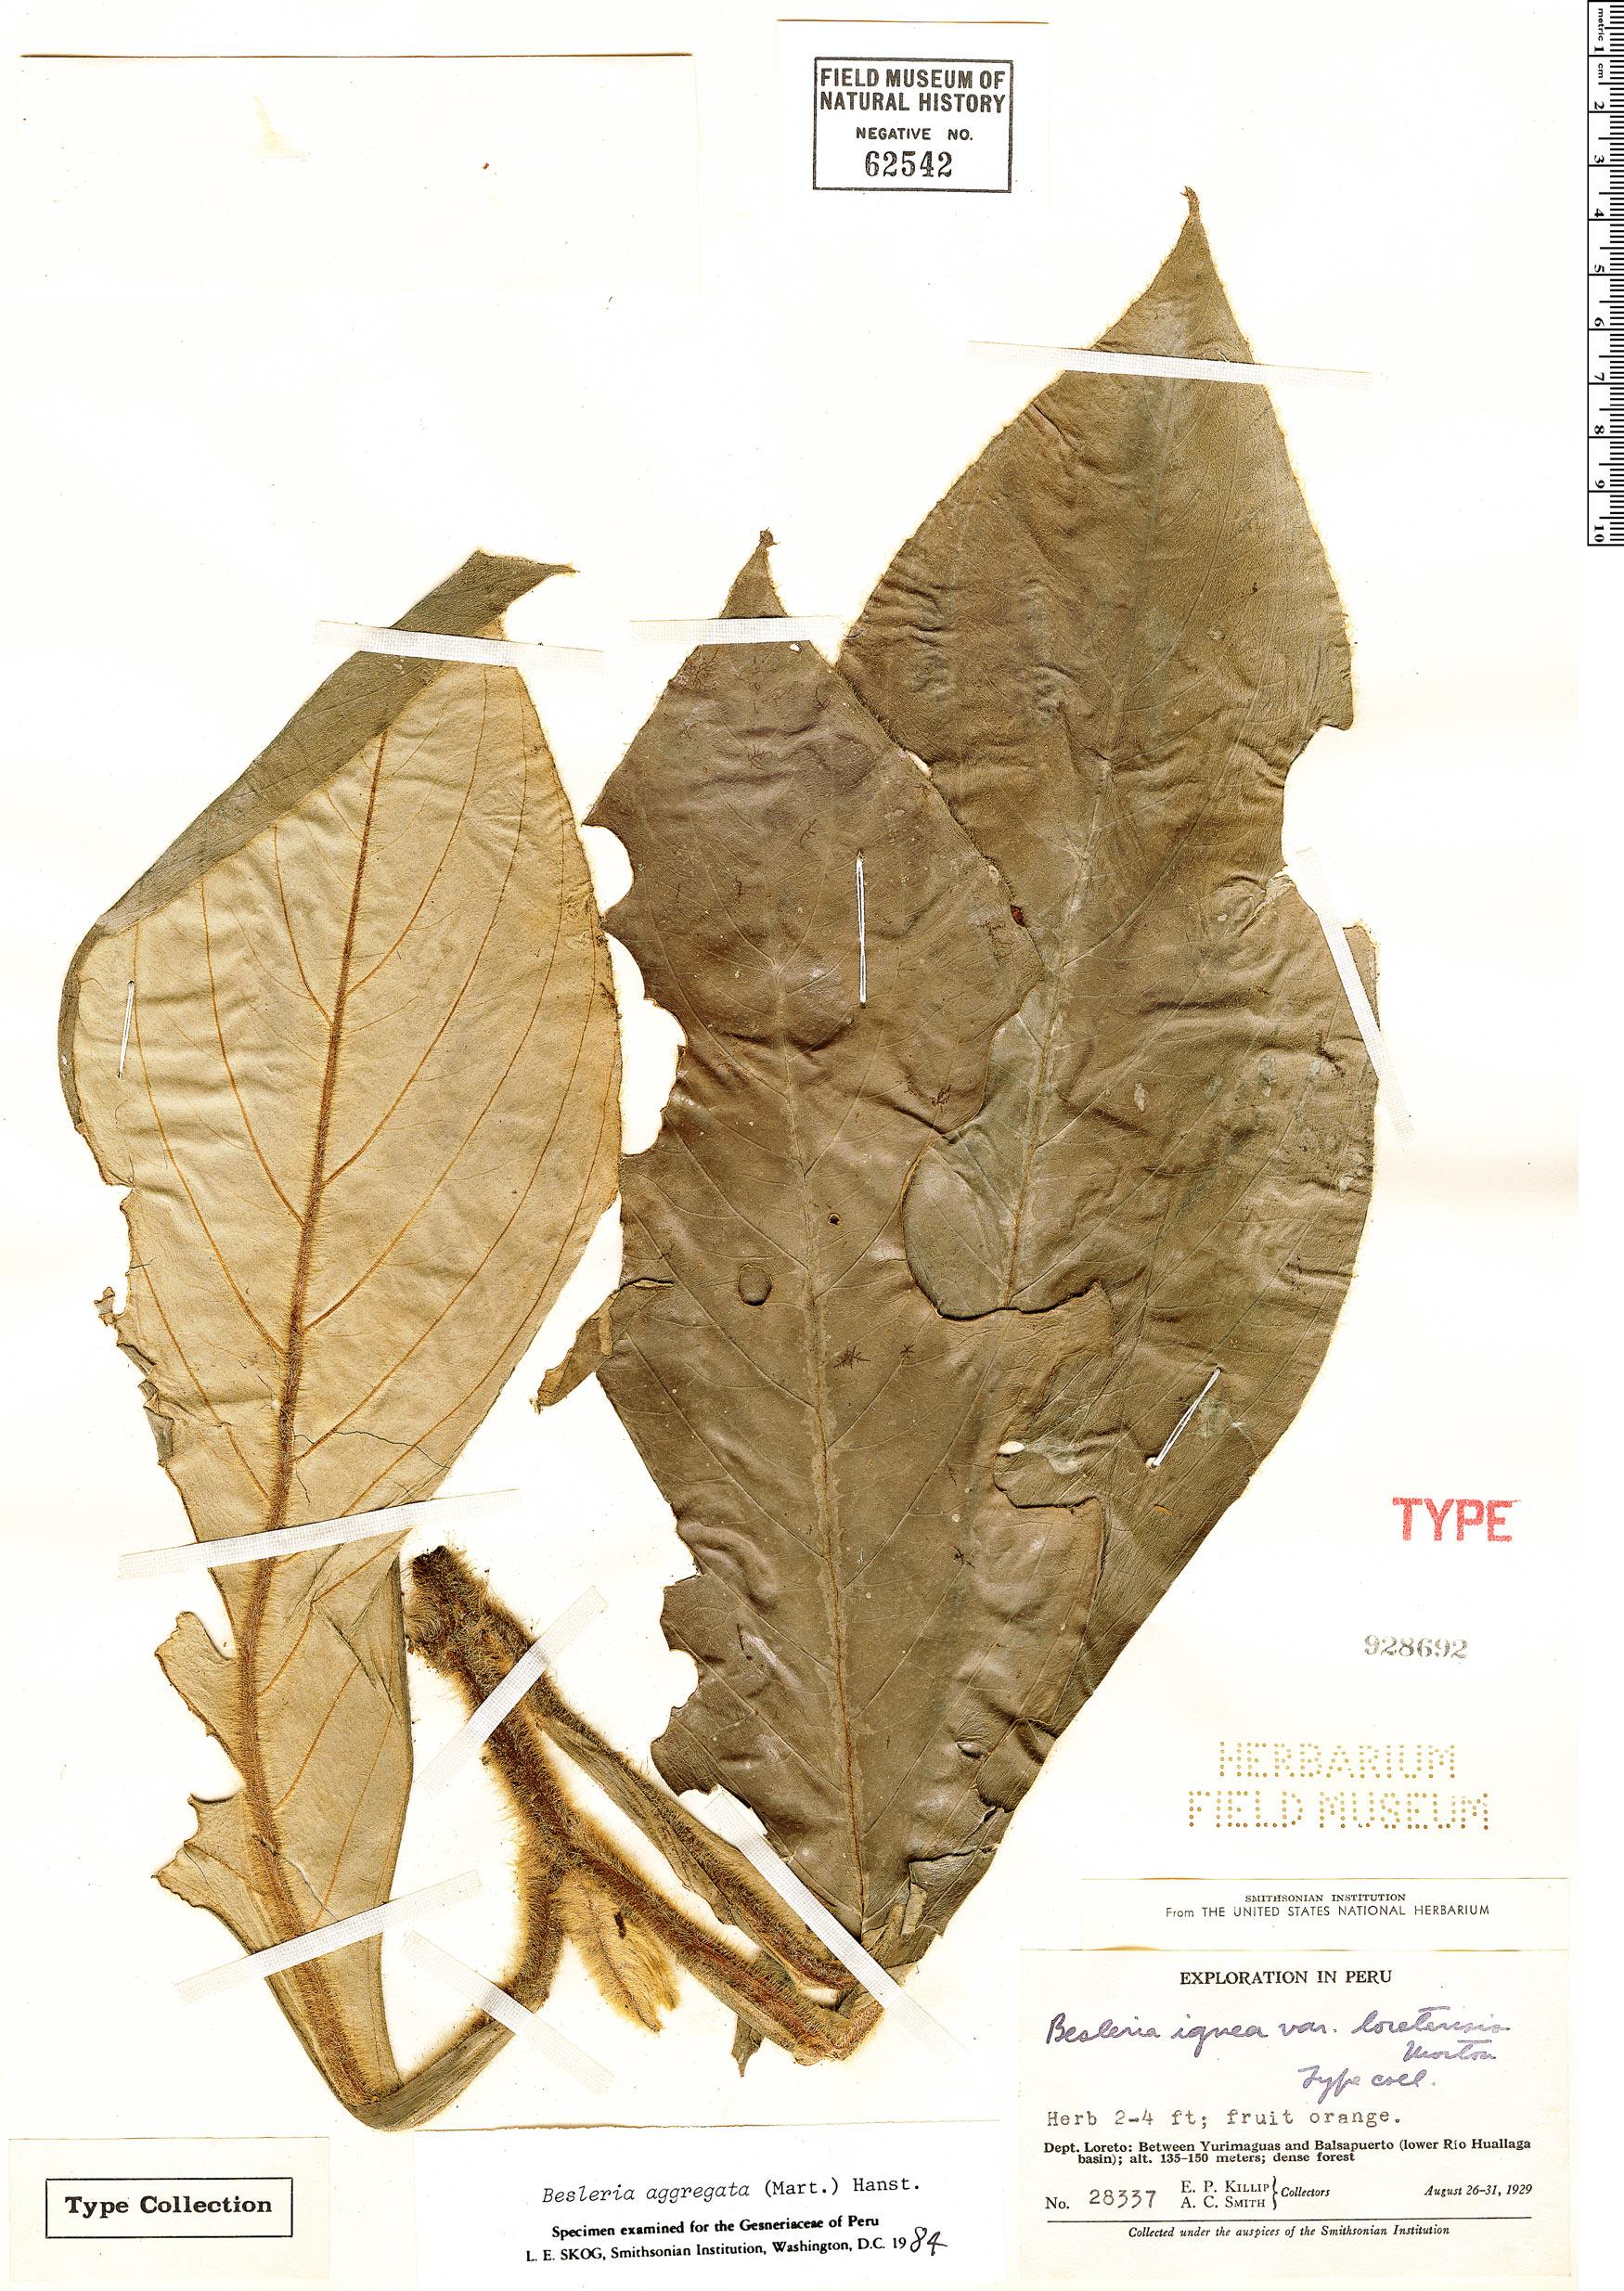 Specimen: Besleria aggregata